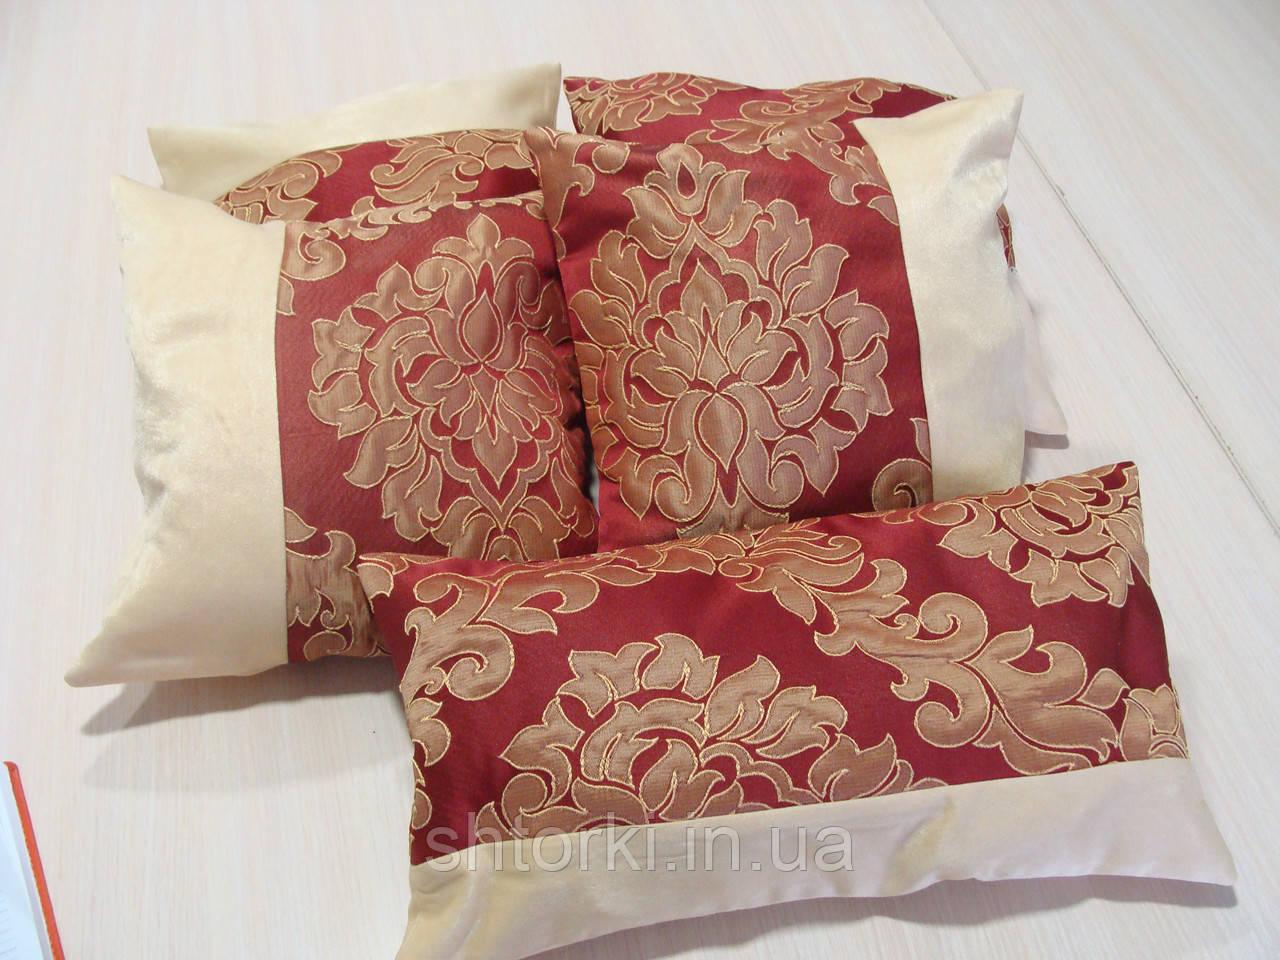 Комплект подушек бордо с песочным коронки 5шт